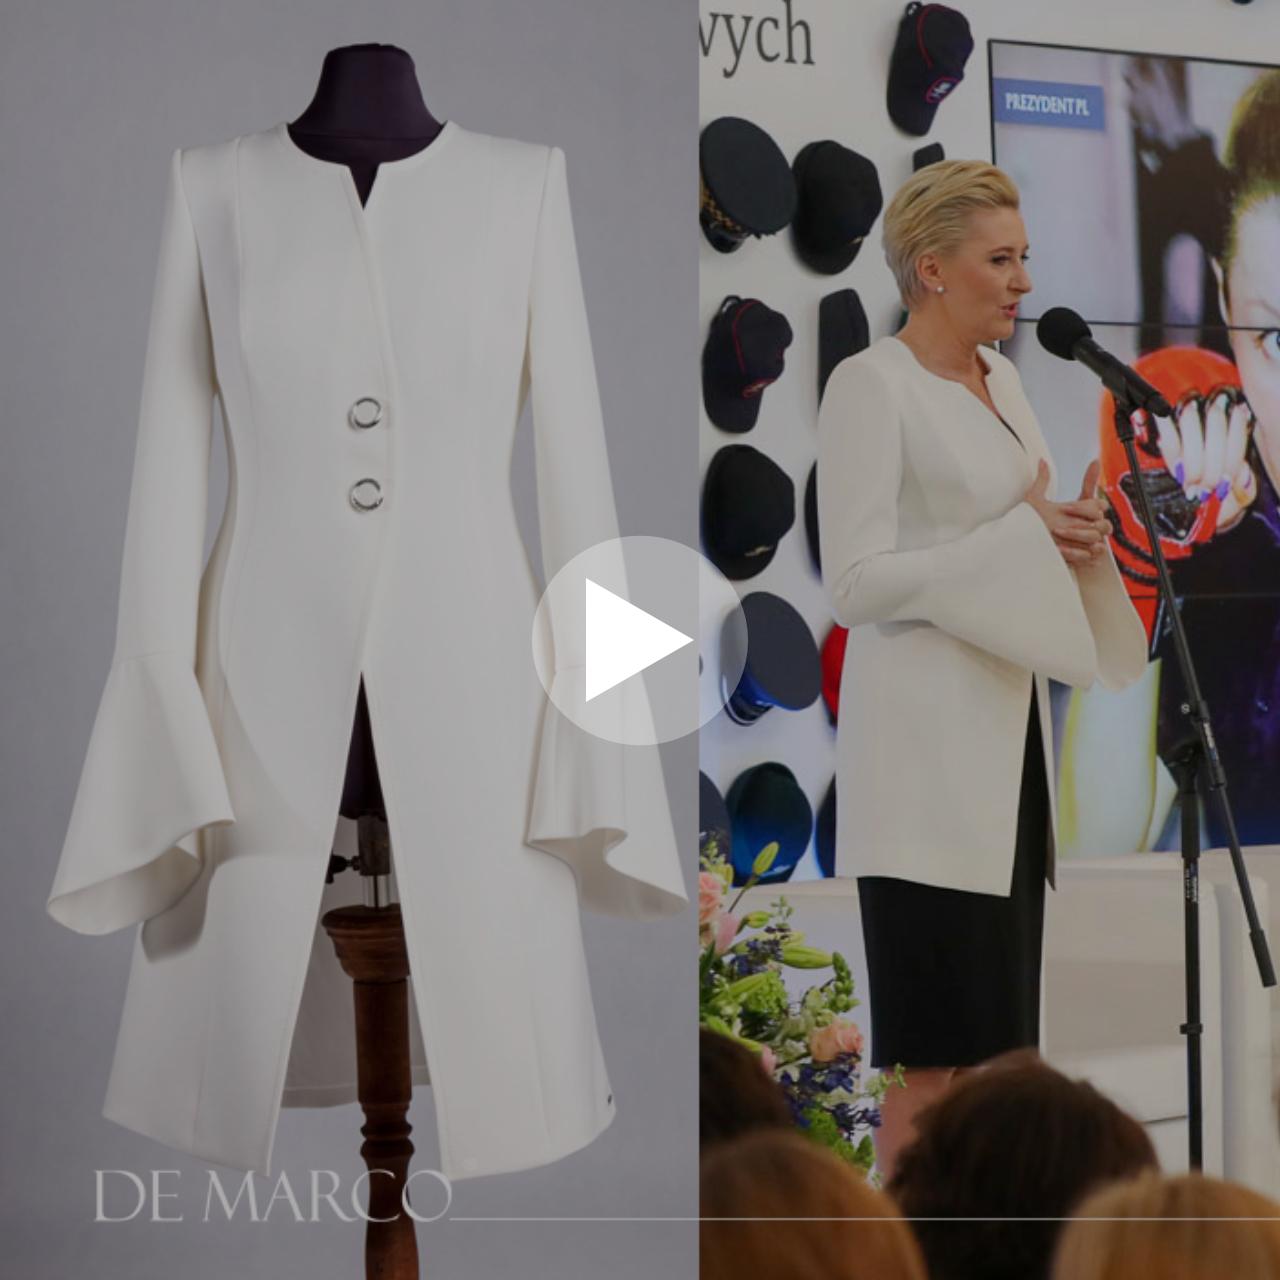 Zobacz jak, prezentowała się Pierwsza Dama Agata Kornhauser-Duda w wizytowym płaszczyku do sukienki z De Marco.